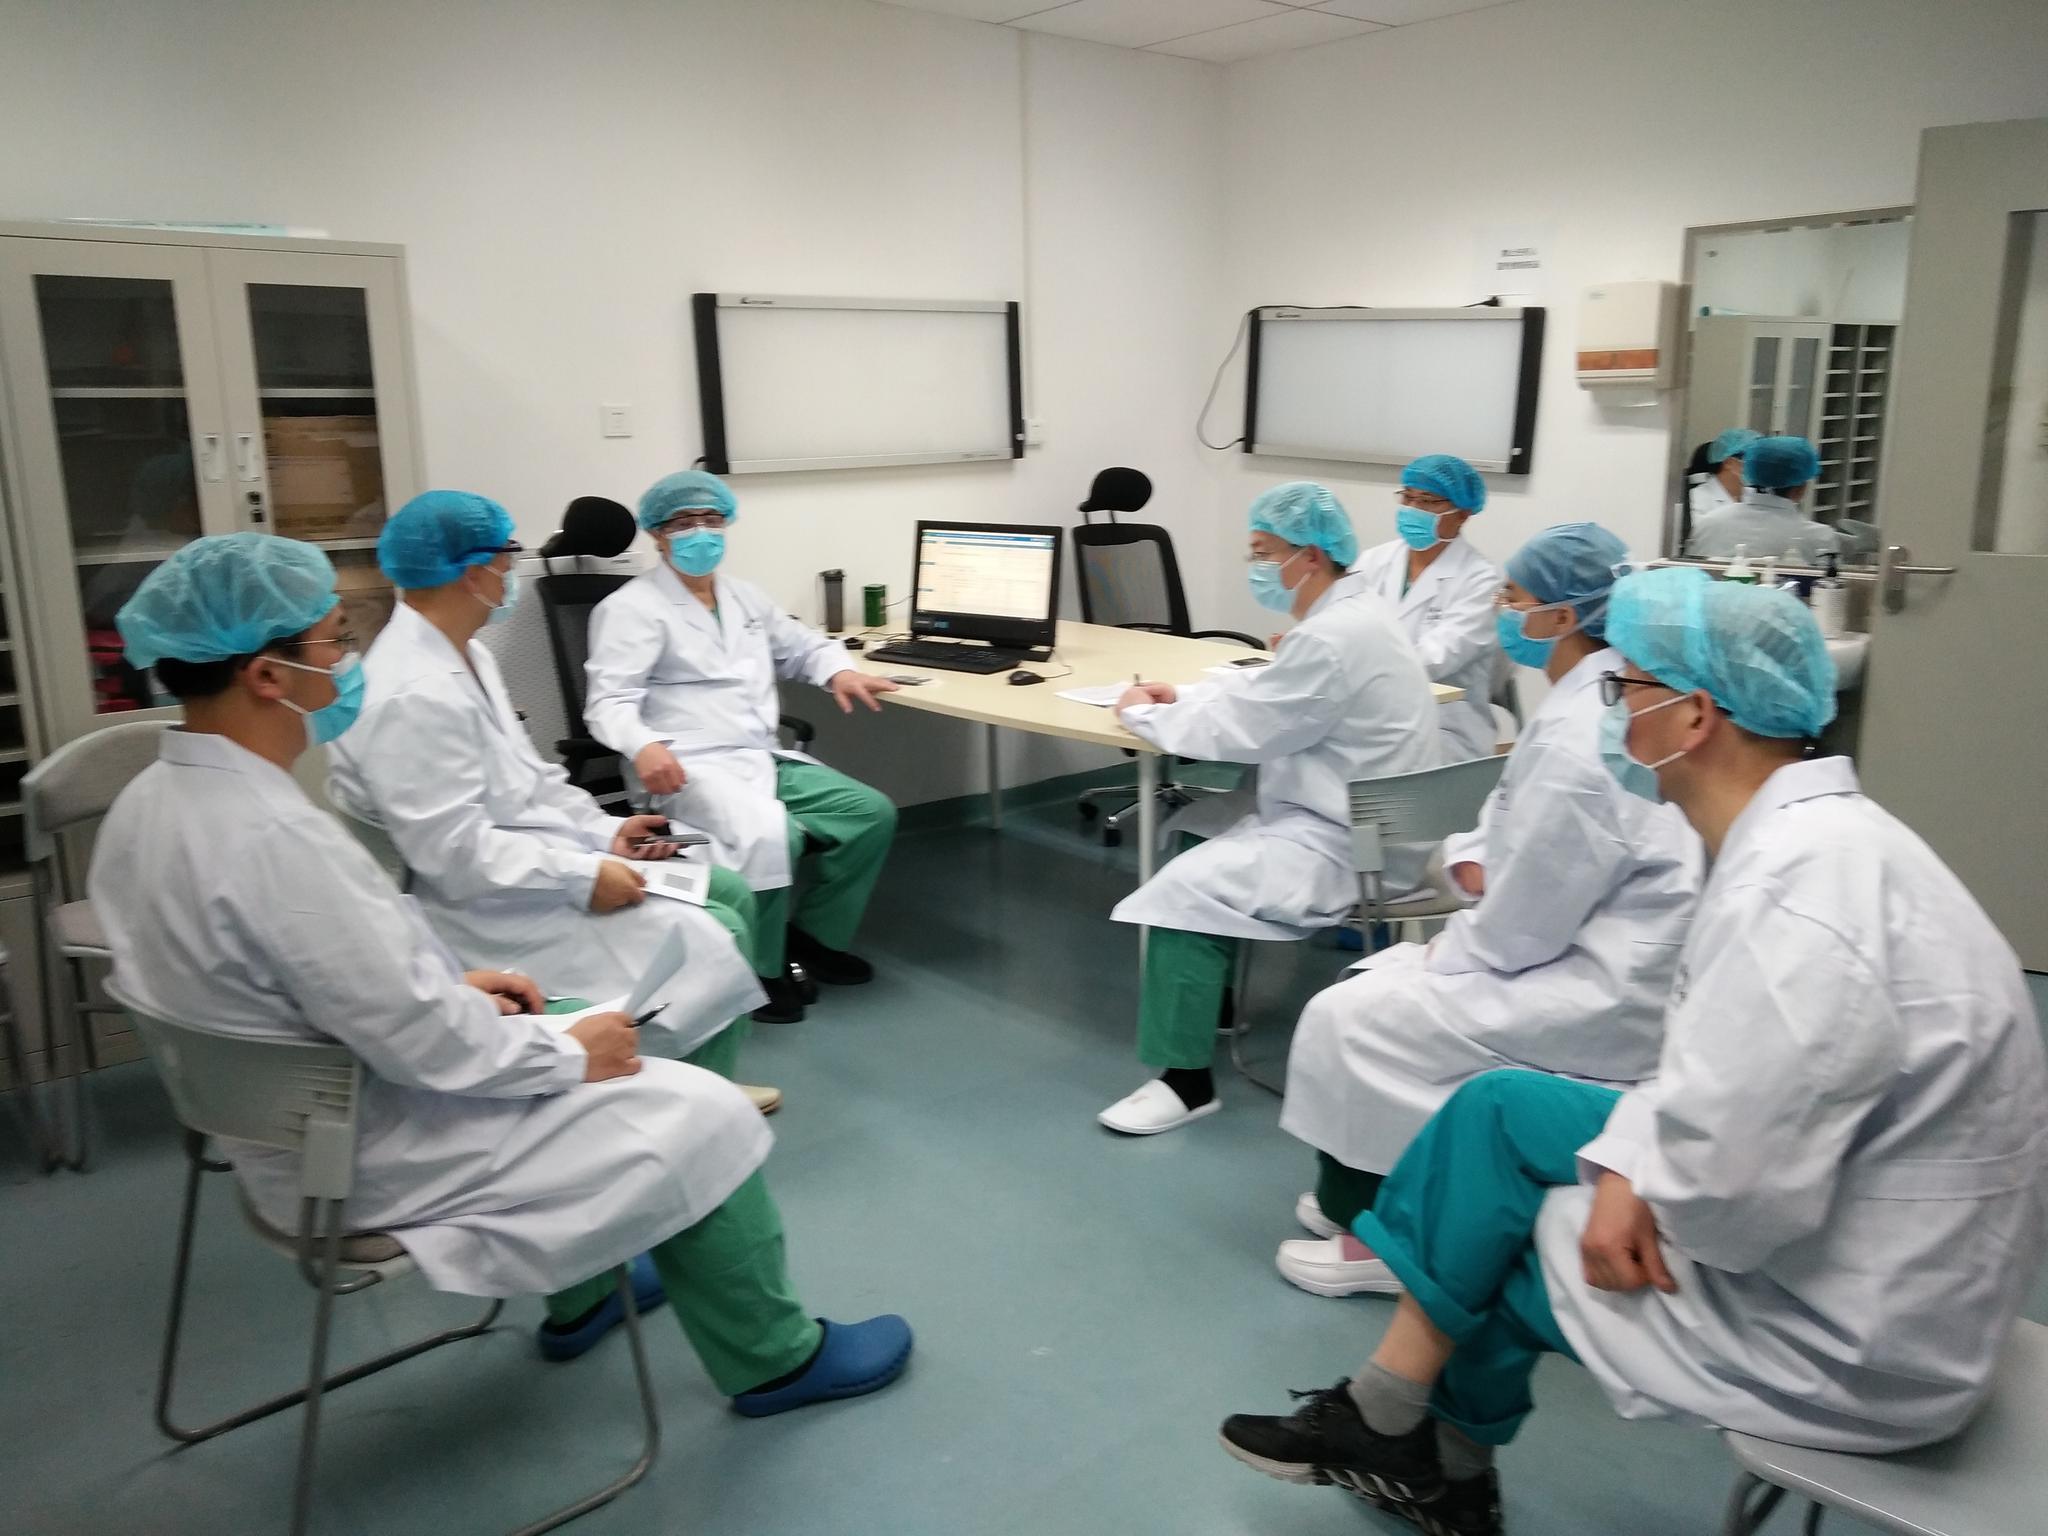 山东援鄂医疗队队员在商议治疗方案。 受访者供图